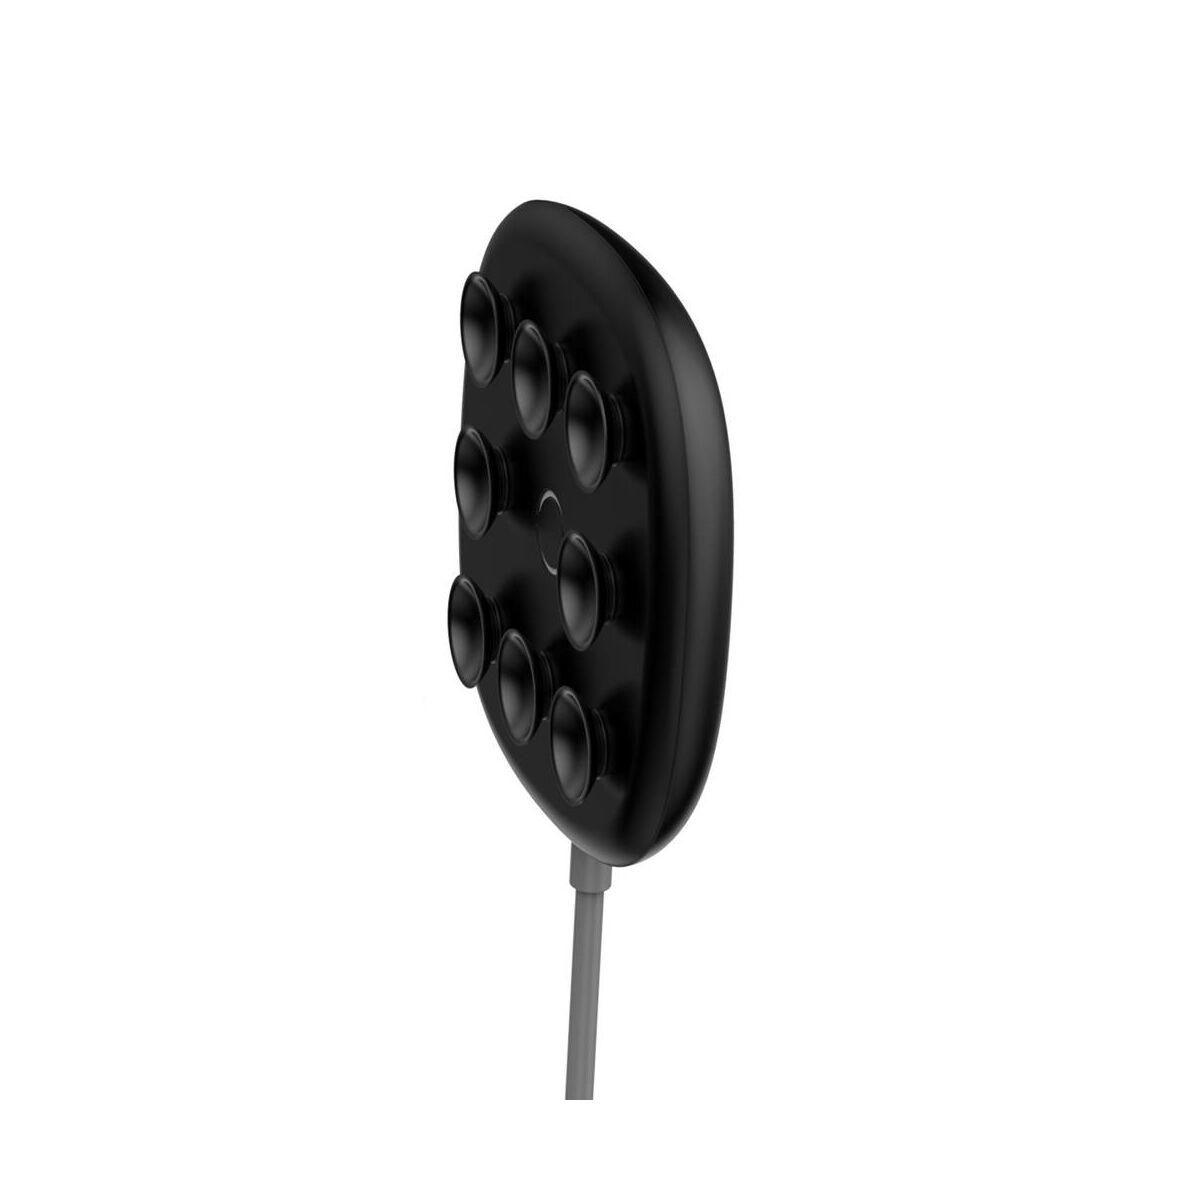 Baseus vezeték nélküli töltő, Cup 10W, fekete (WXXP-01)